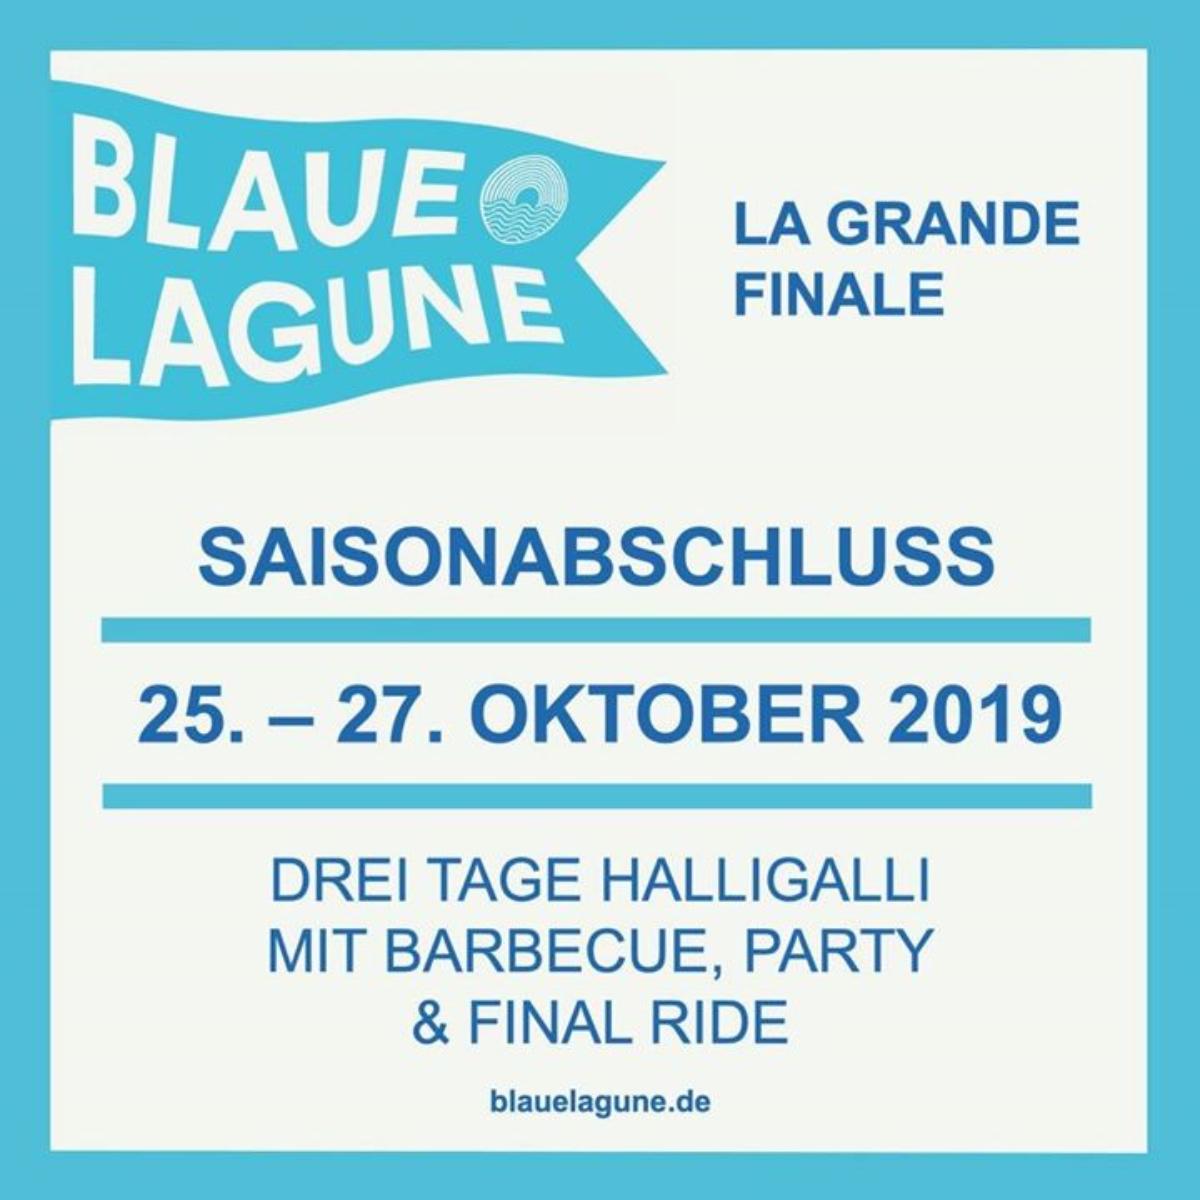 Veranstaltungsbild zu Saisonabschluss 2019 - La Grande Finale